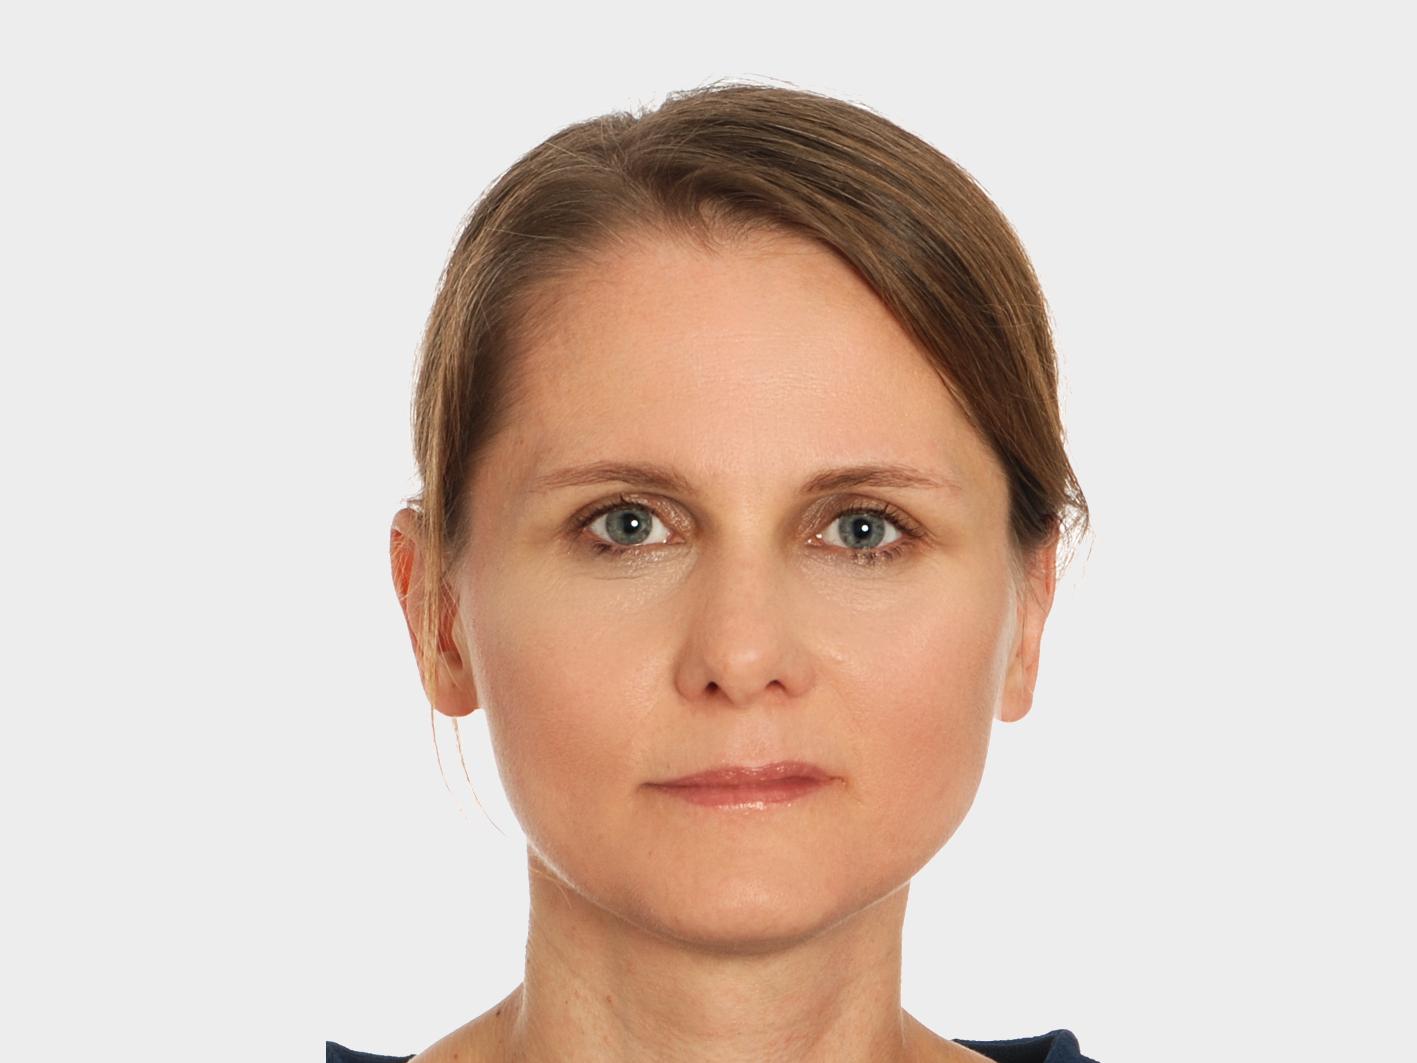 Zdjęcie-Bożena Goliszewska-Chojdak